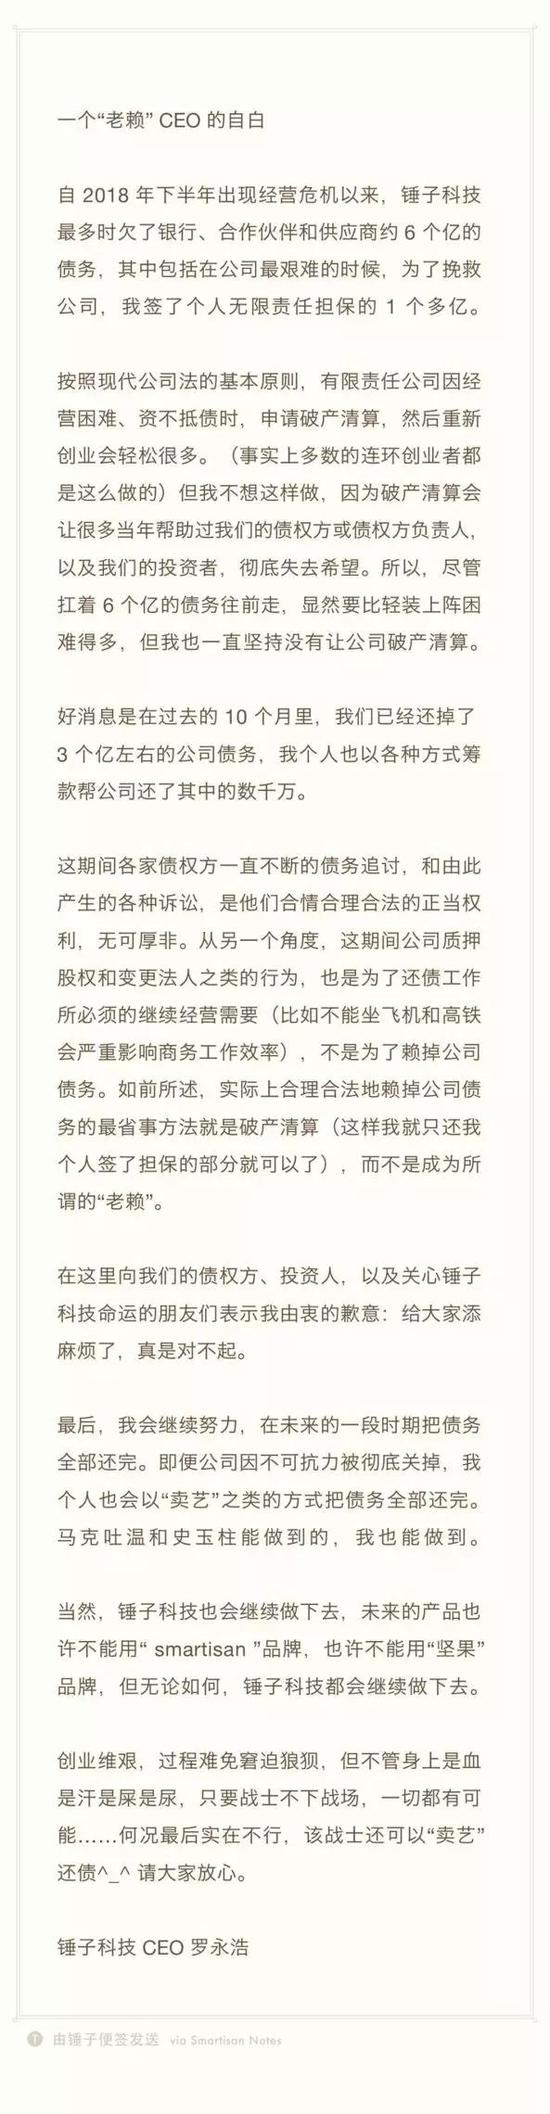 澳门金沙网上娱乐网站_沙柳条变形记:从柴火棍到摇钱树